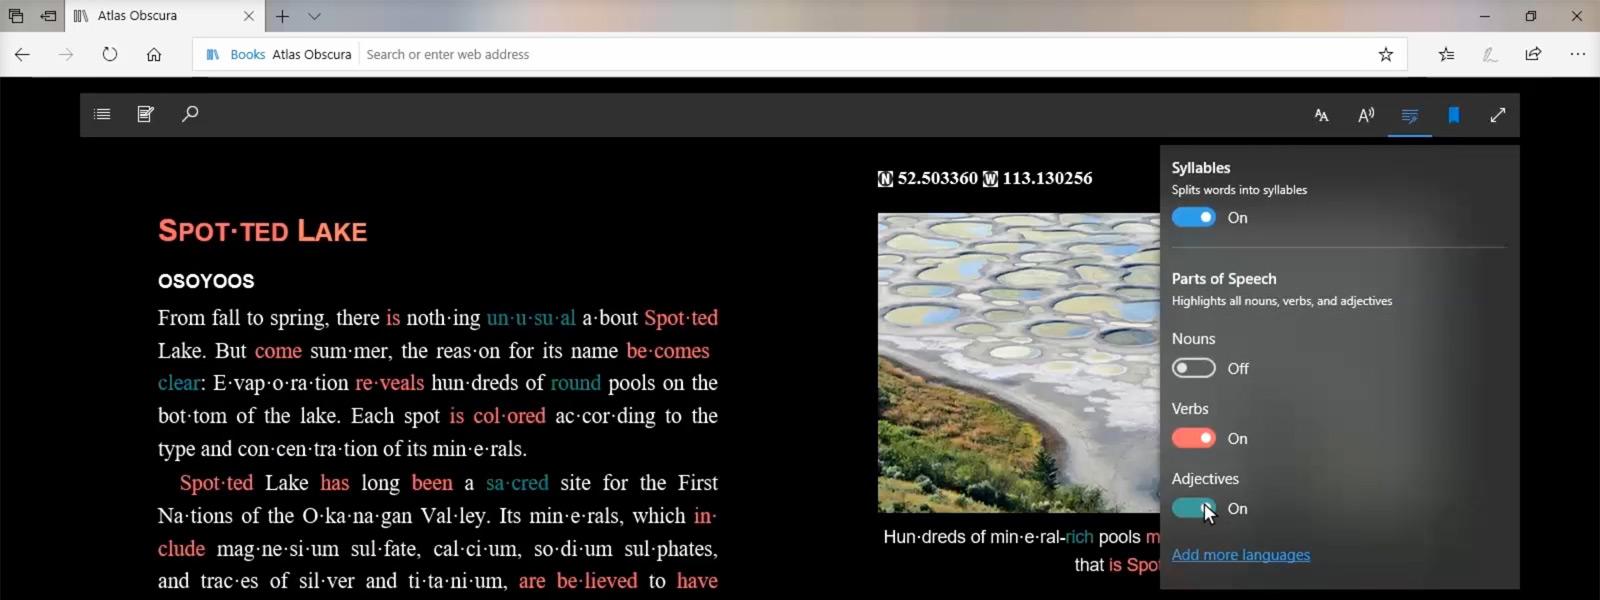 Näyttökuva Oppimistyökaluista, joilla korostetaan verkkosivun substantiiveja, verbejä ja adjektiiveja